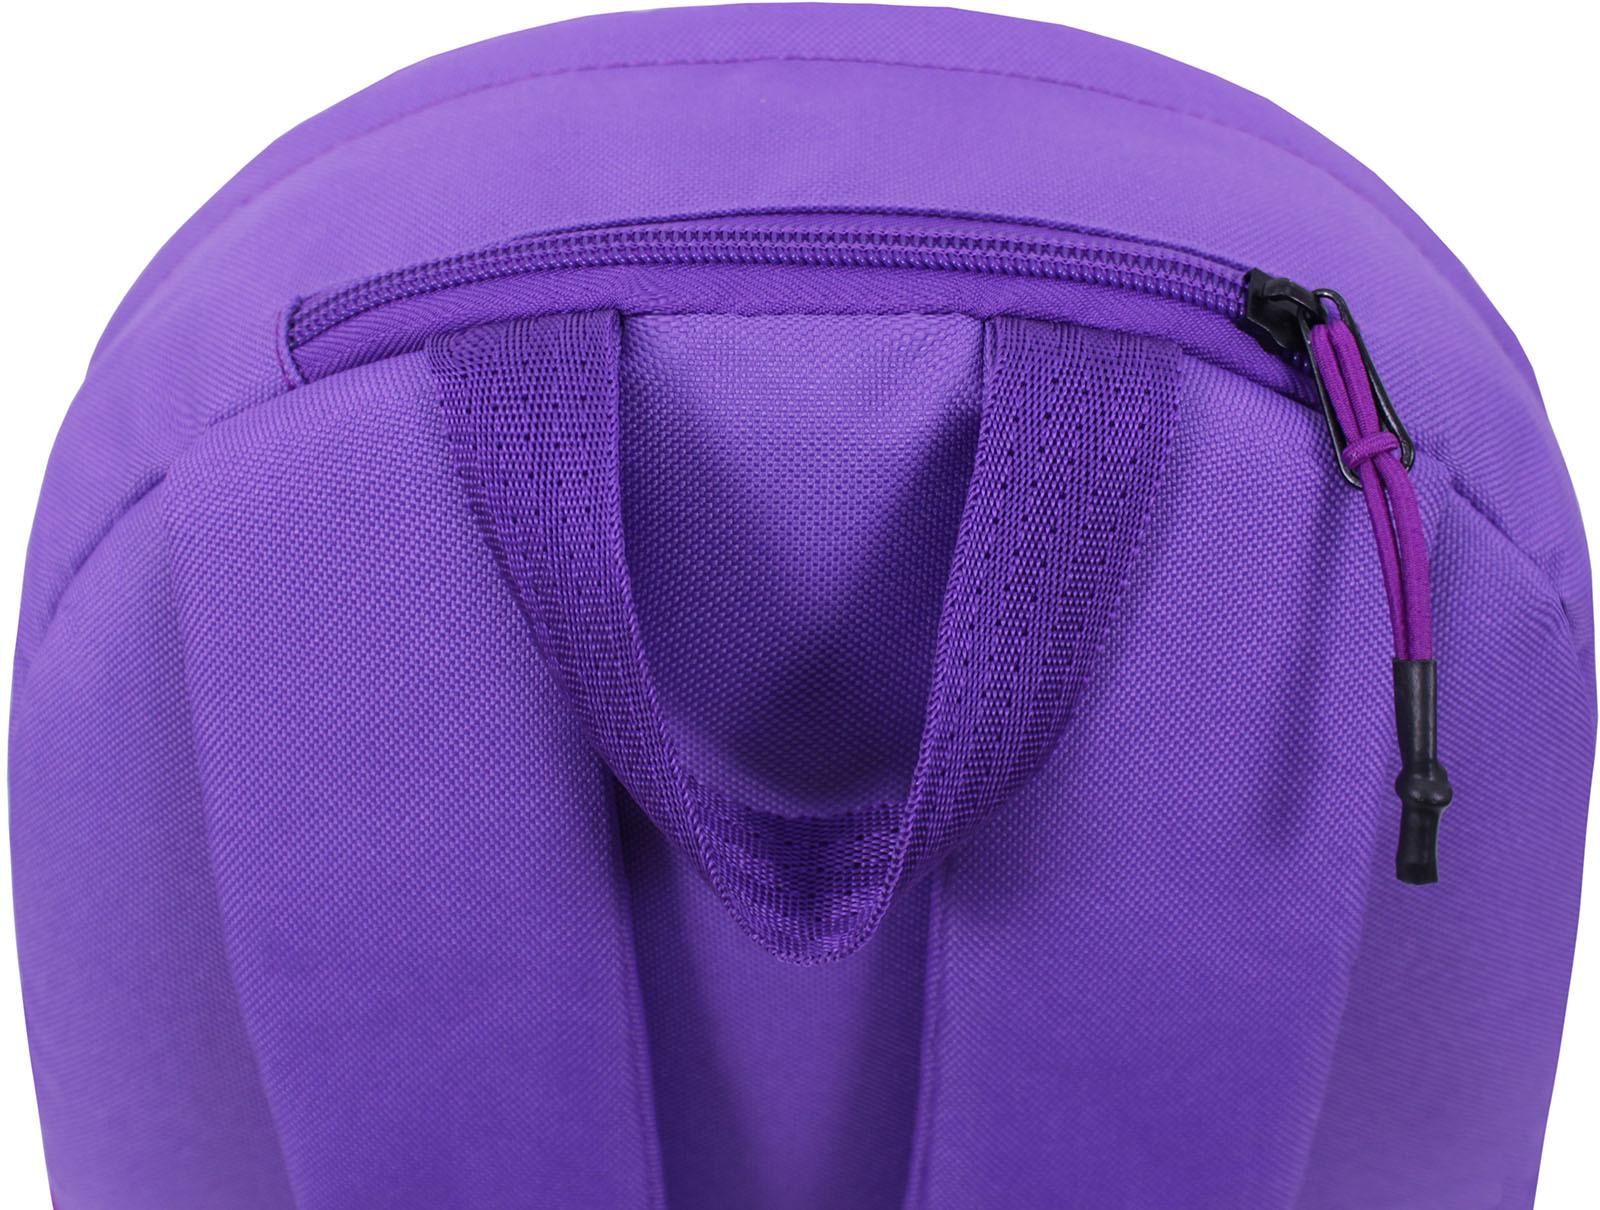 Рюкзак Bagland Hood W/R 17 л. фиолетовый 469 (0054466) фото 4